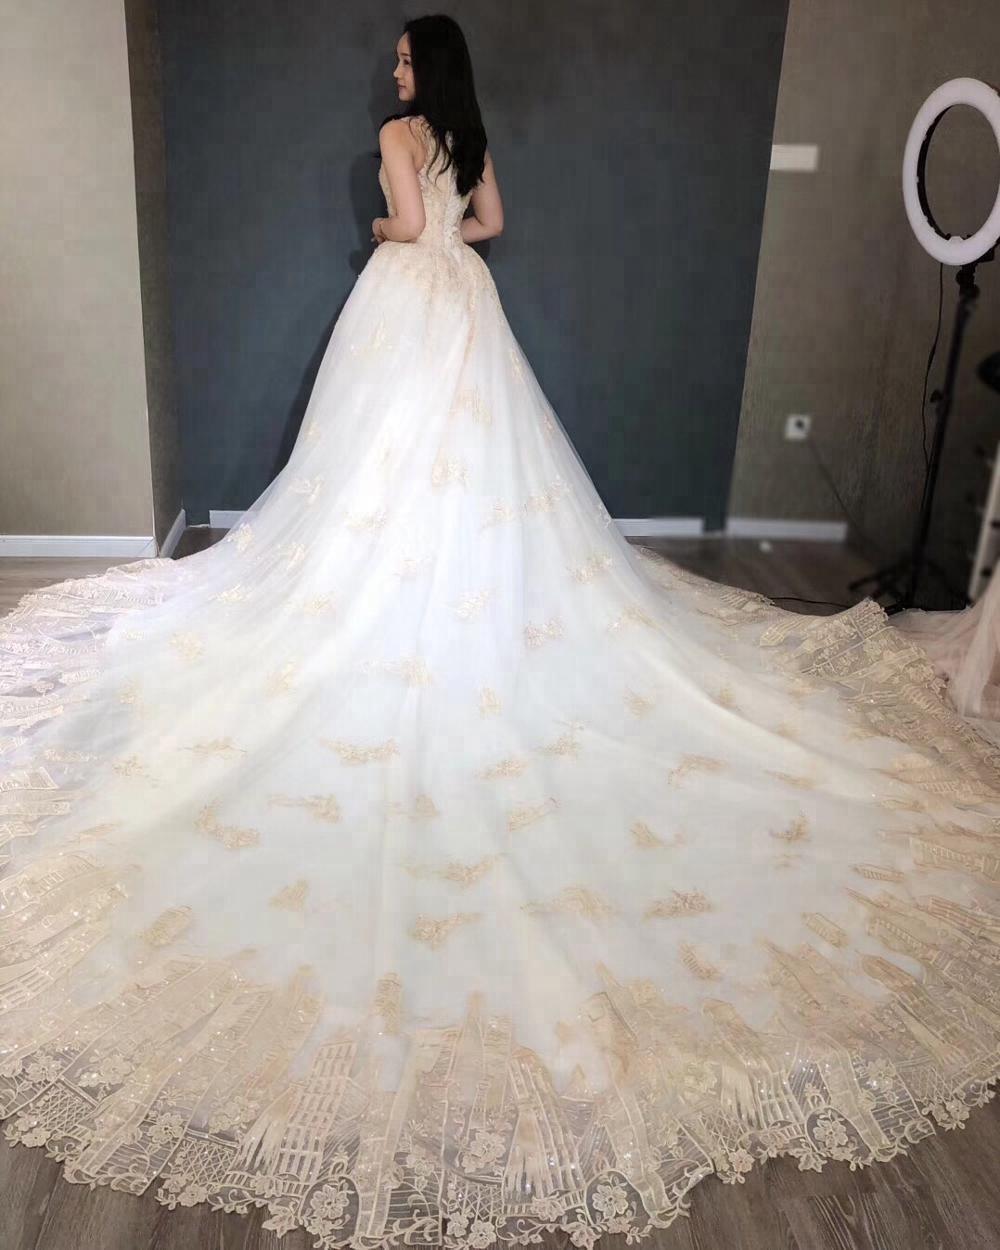 Luxury Gold Wedding Dress Bridal Gown 2018 - Buy Wedding Dress 2018 ...